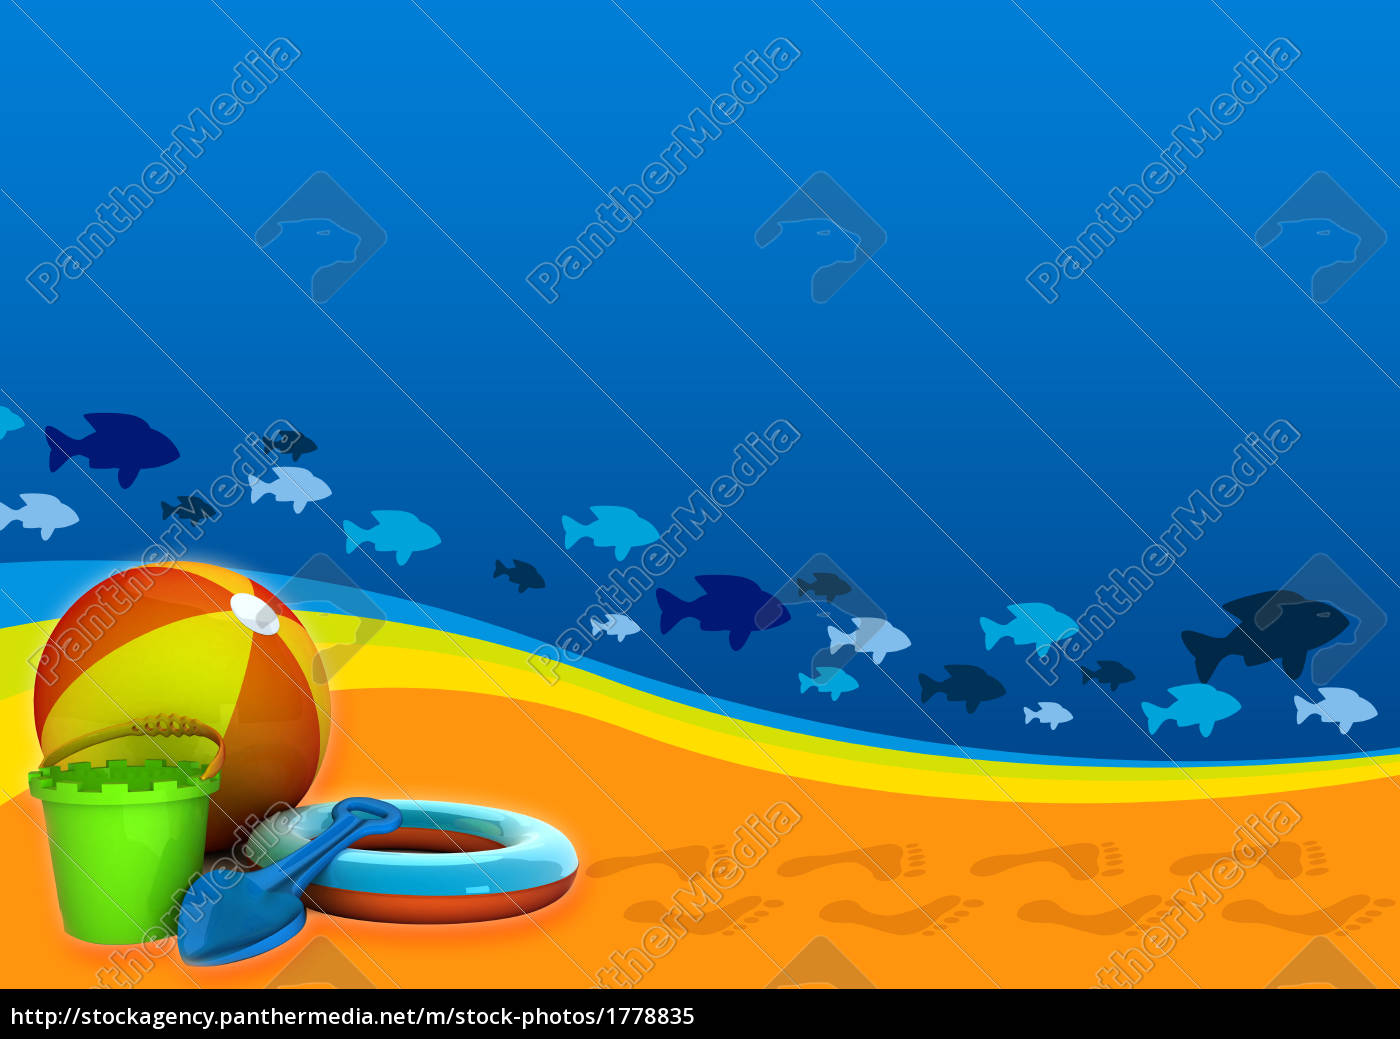 summer, background - 1778835